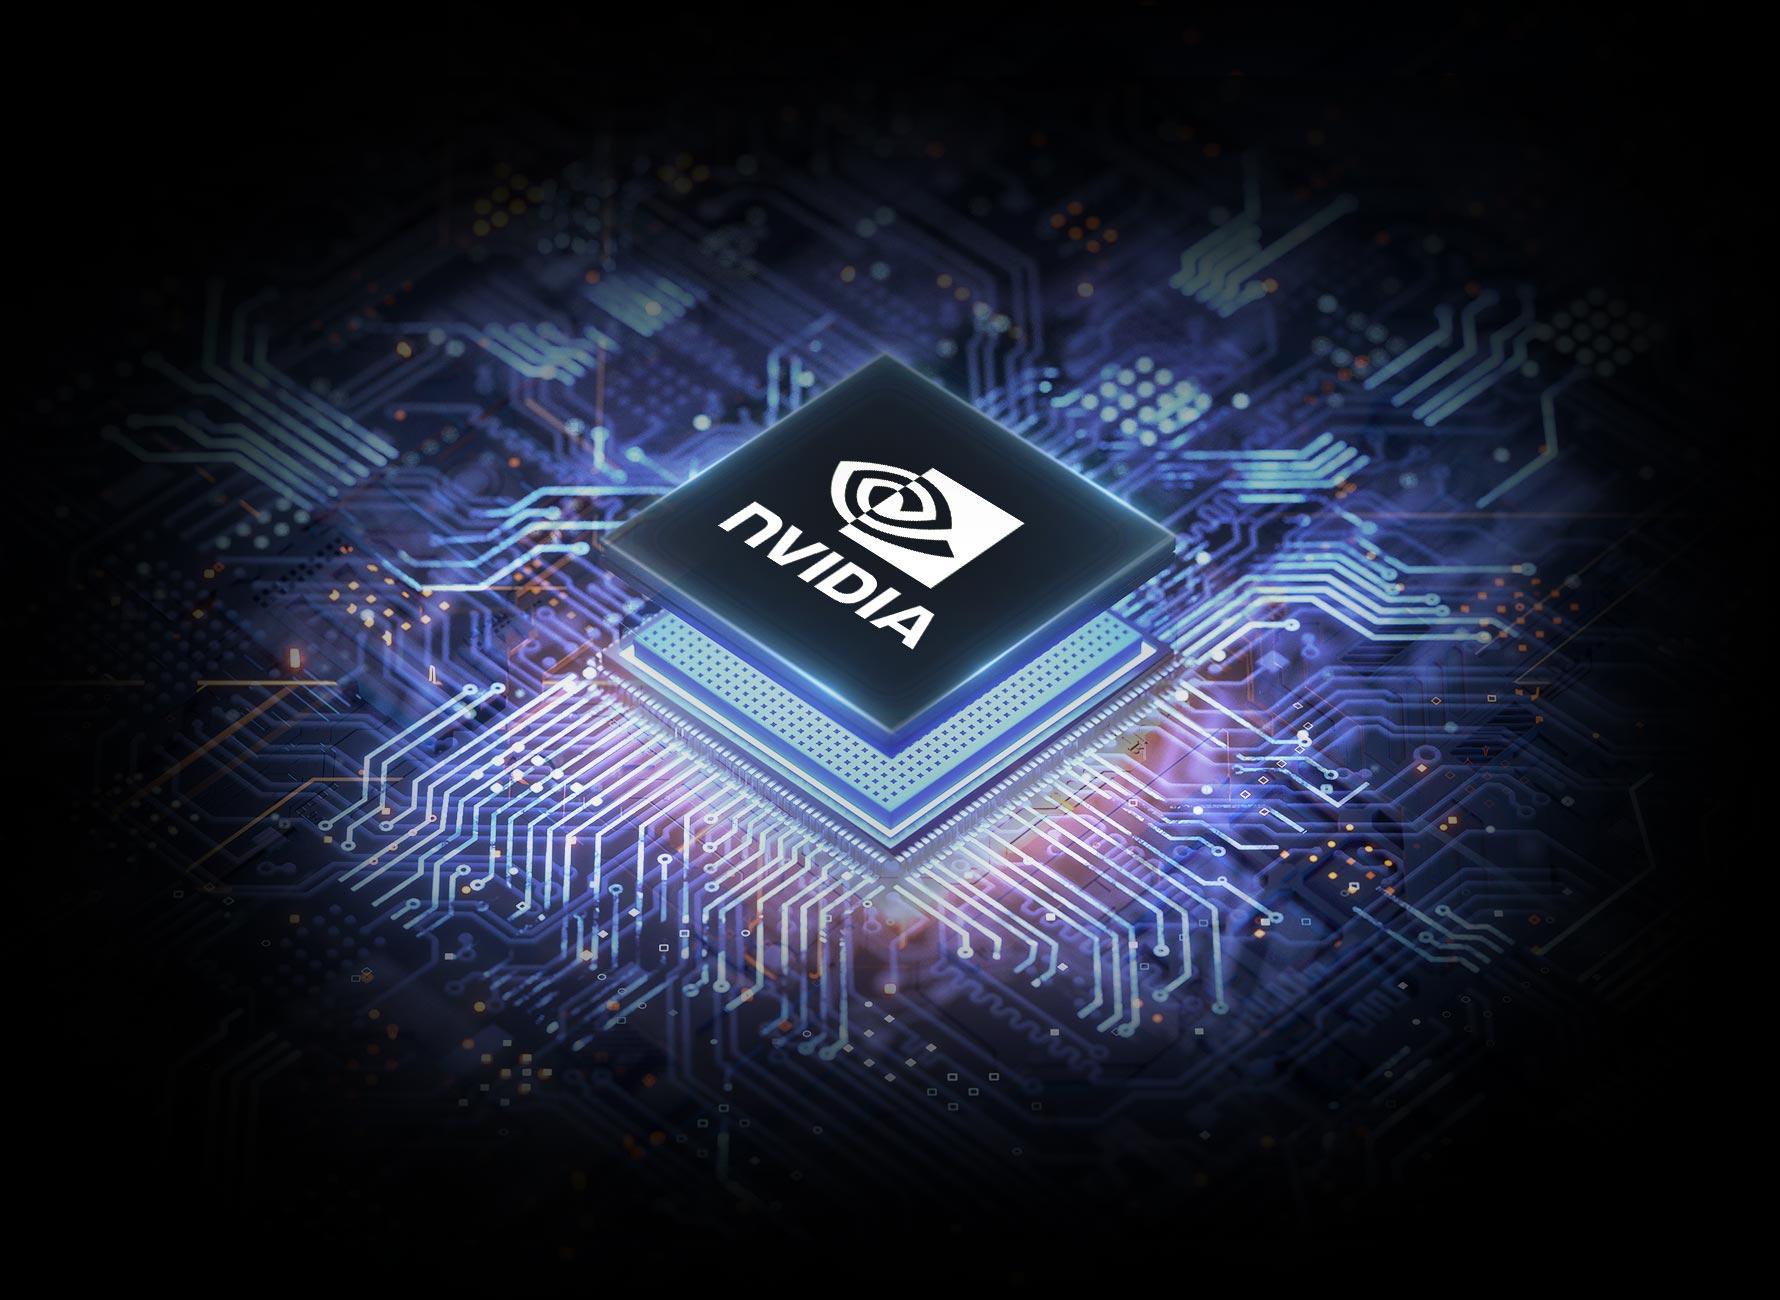 RTX GeForce 30 series